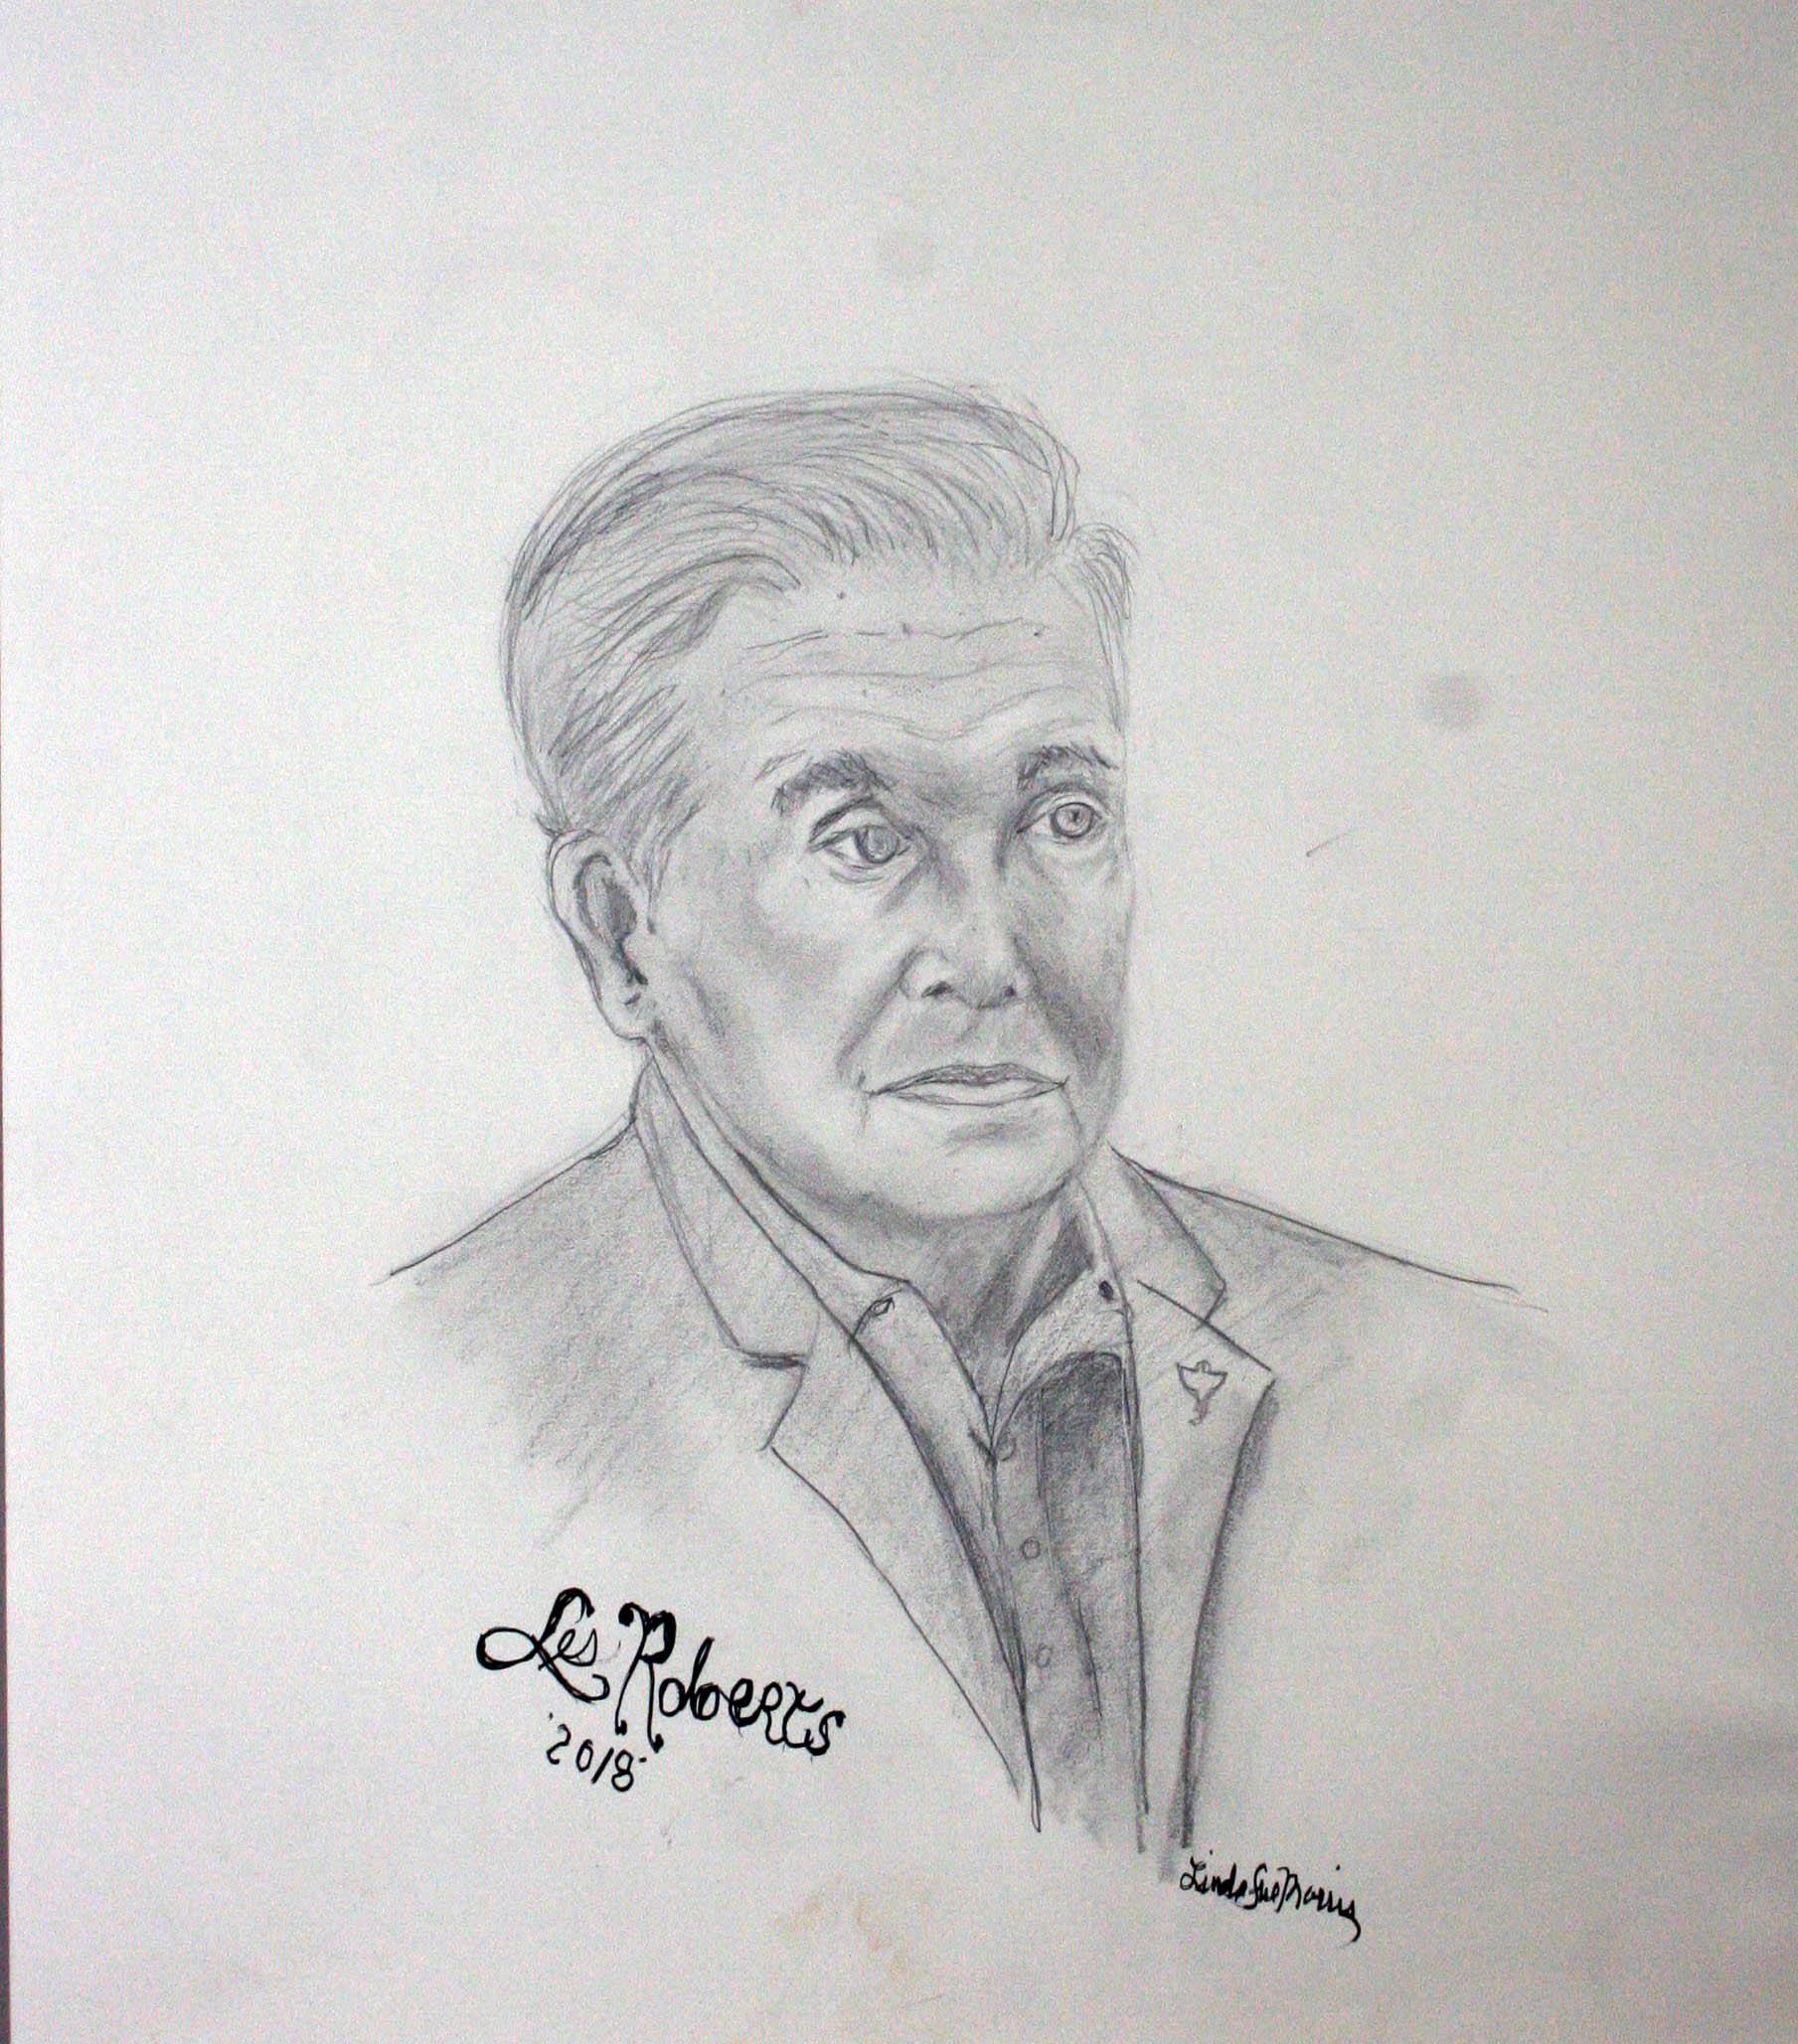 Linda Sue Morris did this drawing.